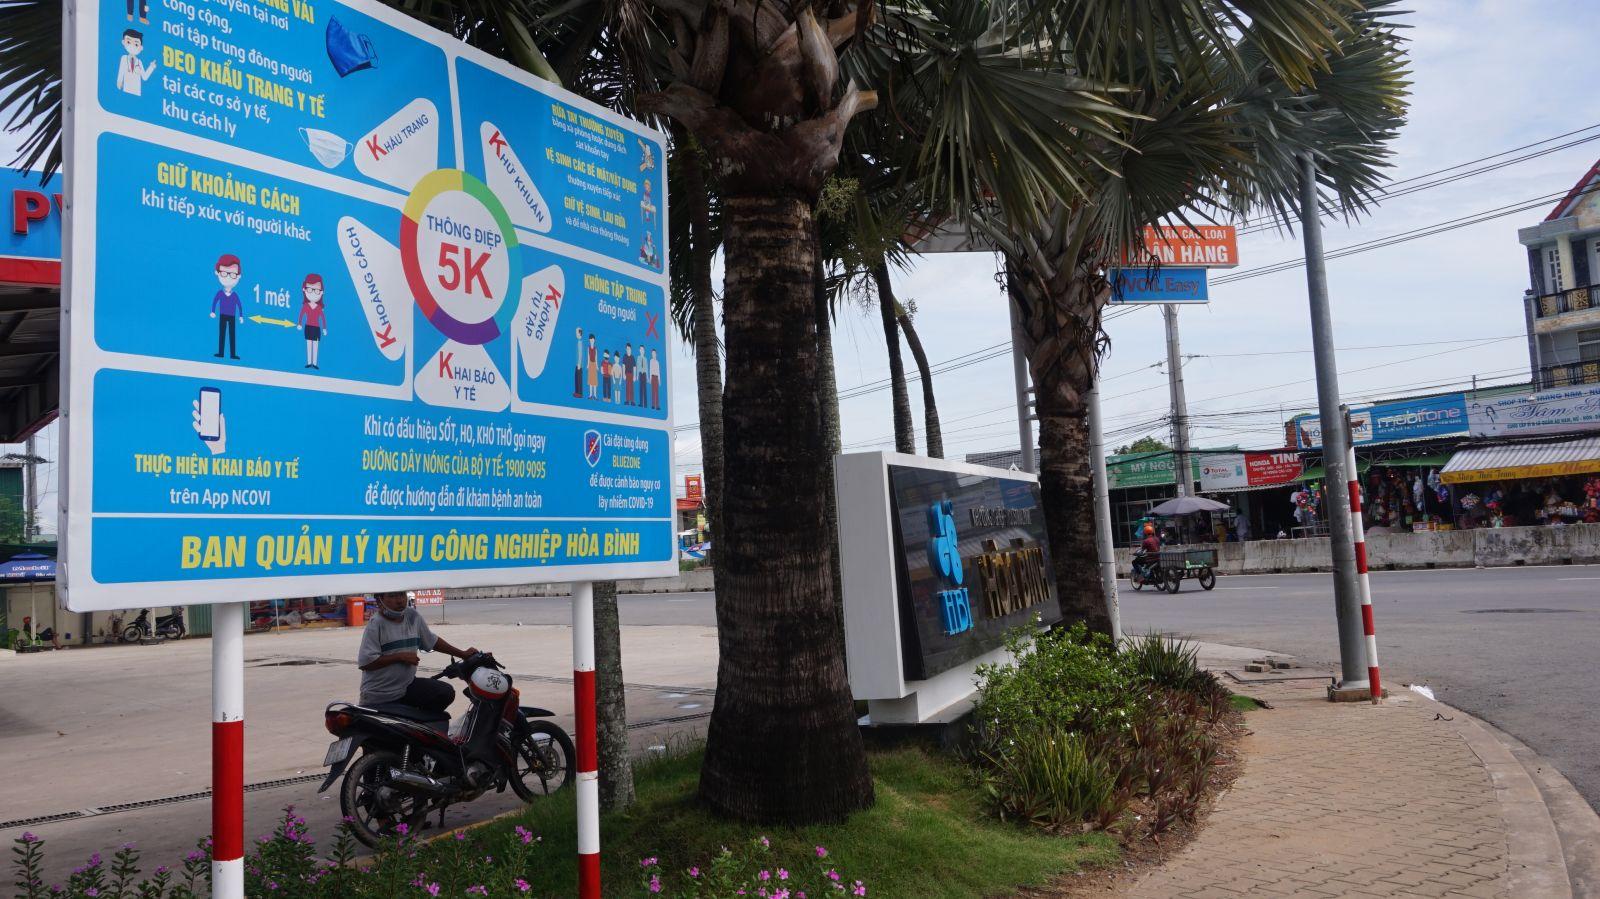 Khu công nghiệp Hòa Bình, huyện Thủ Thừa tuyên truyền phòng, chống dịch Covid-19